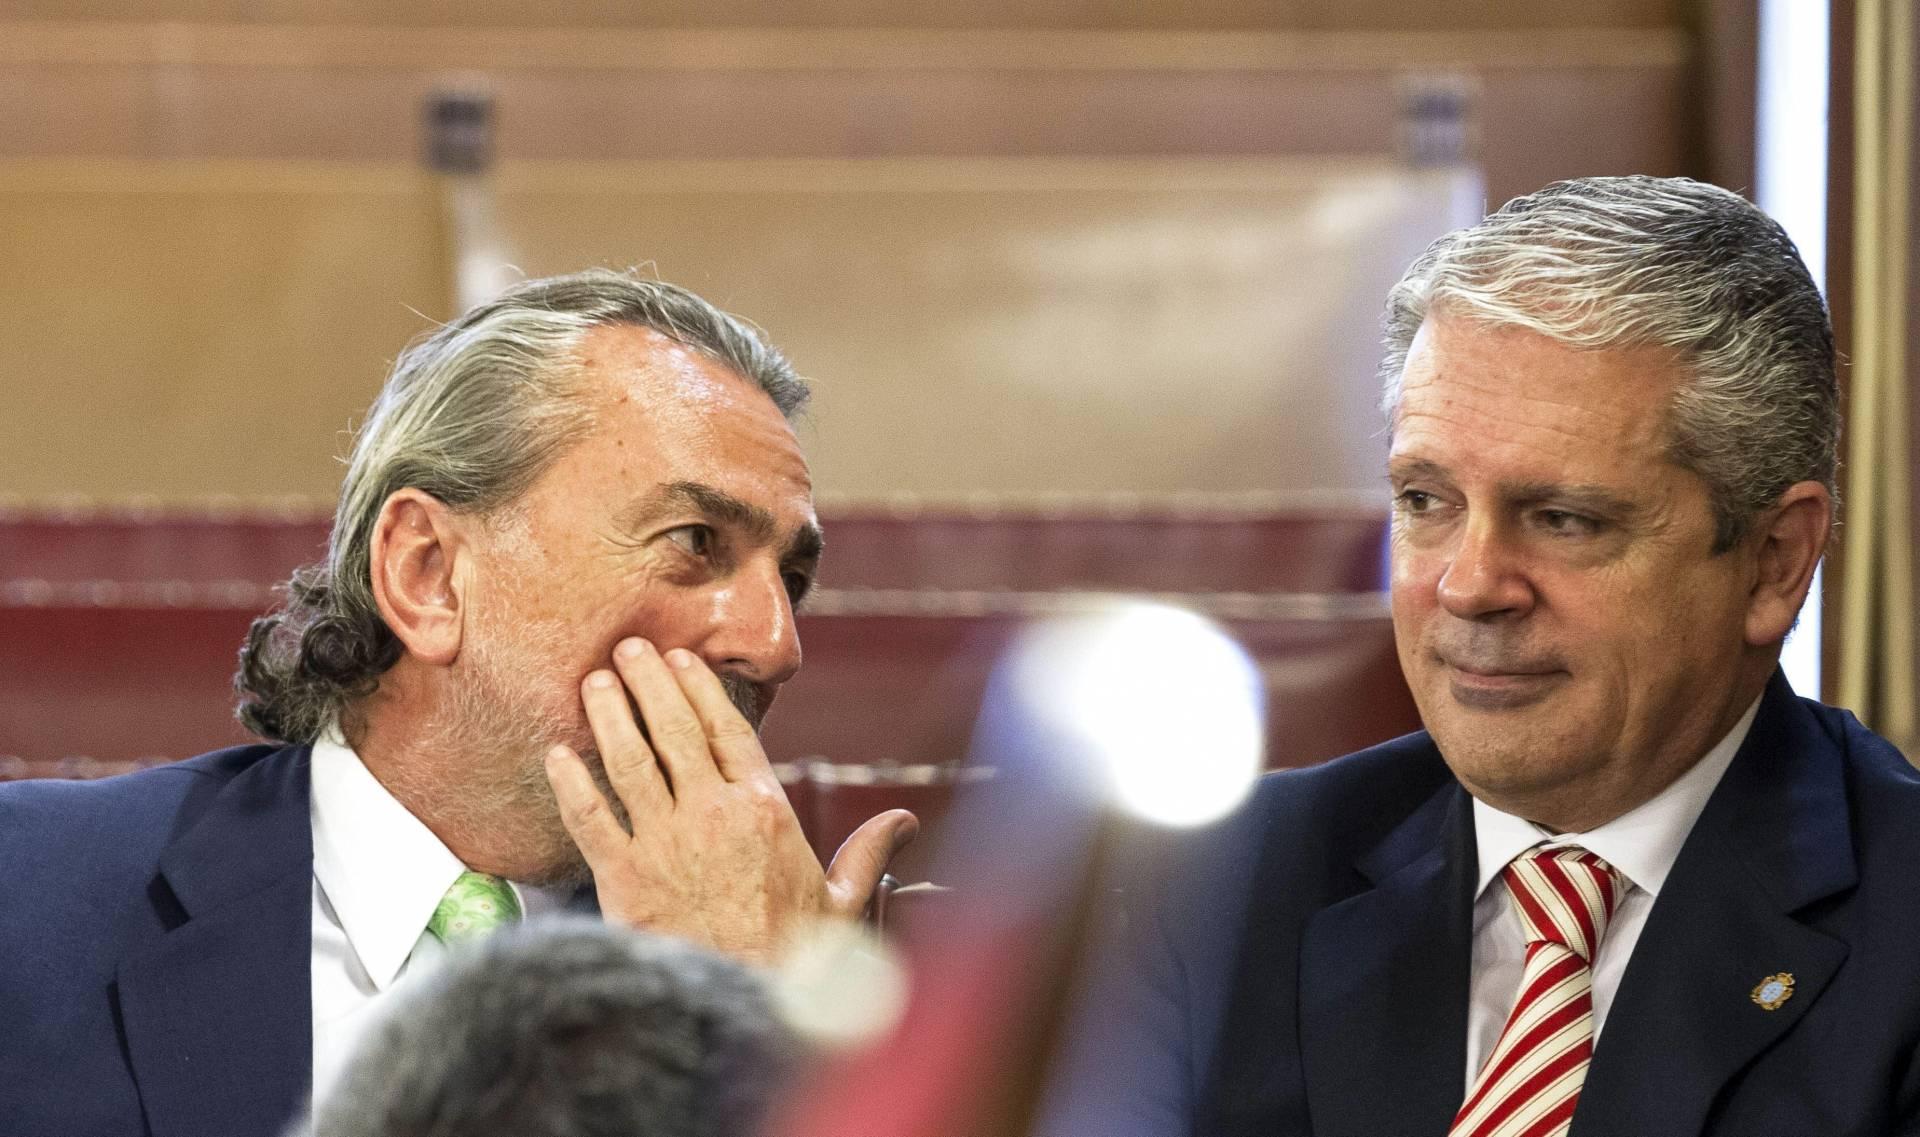 Francisco Correa y Pablo Crespo, durante una sesión del juicio de Gürtel.